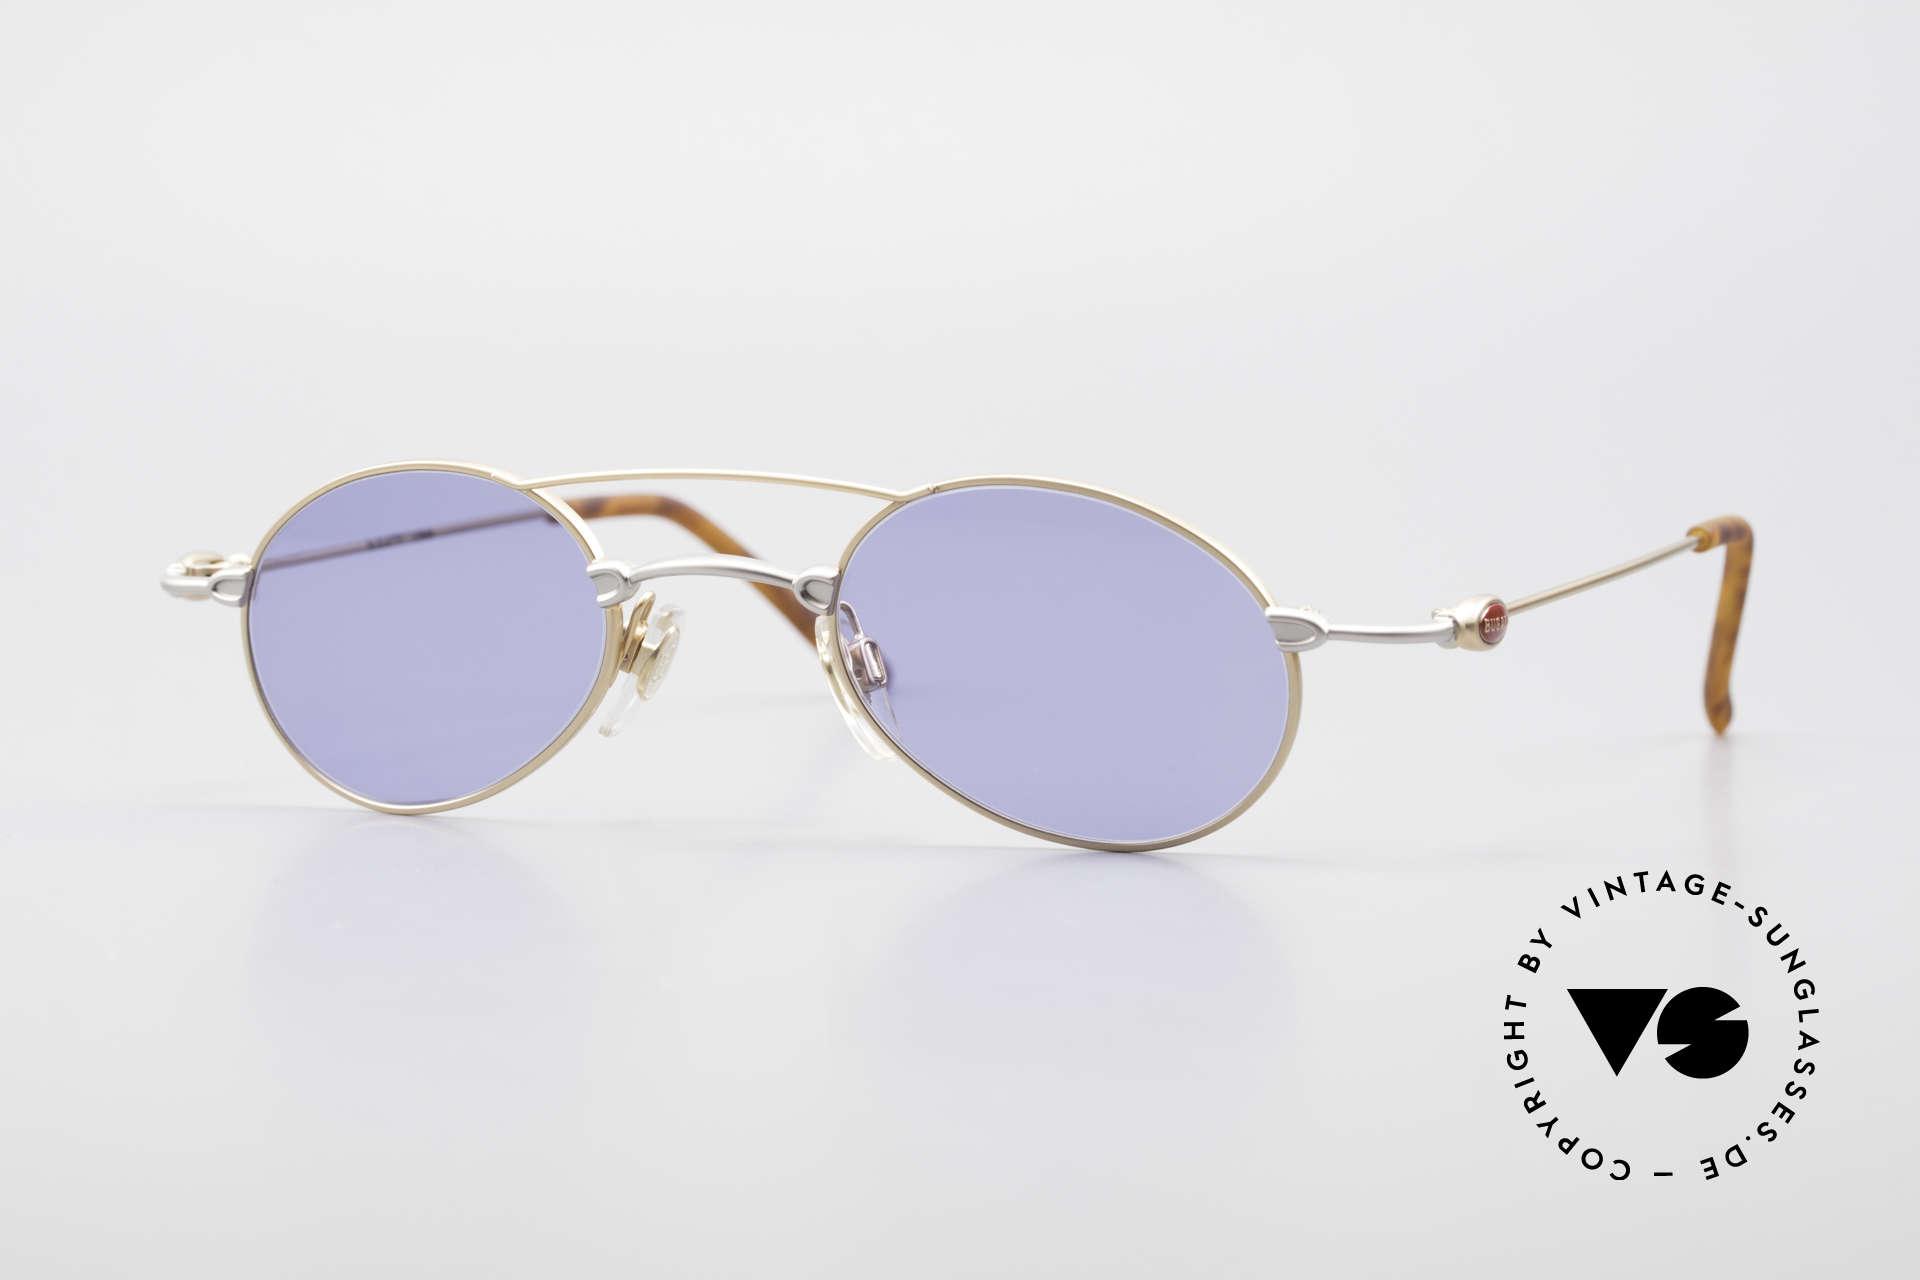 Bugatti 10868 Luxus Herren Sonnenbrille, sehr feine und leichte Designer-Fassung von BUGATTI, Passend für Herren